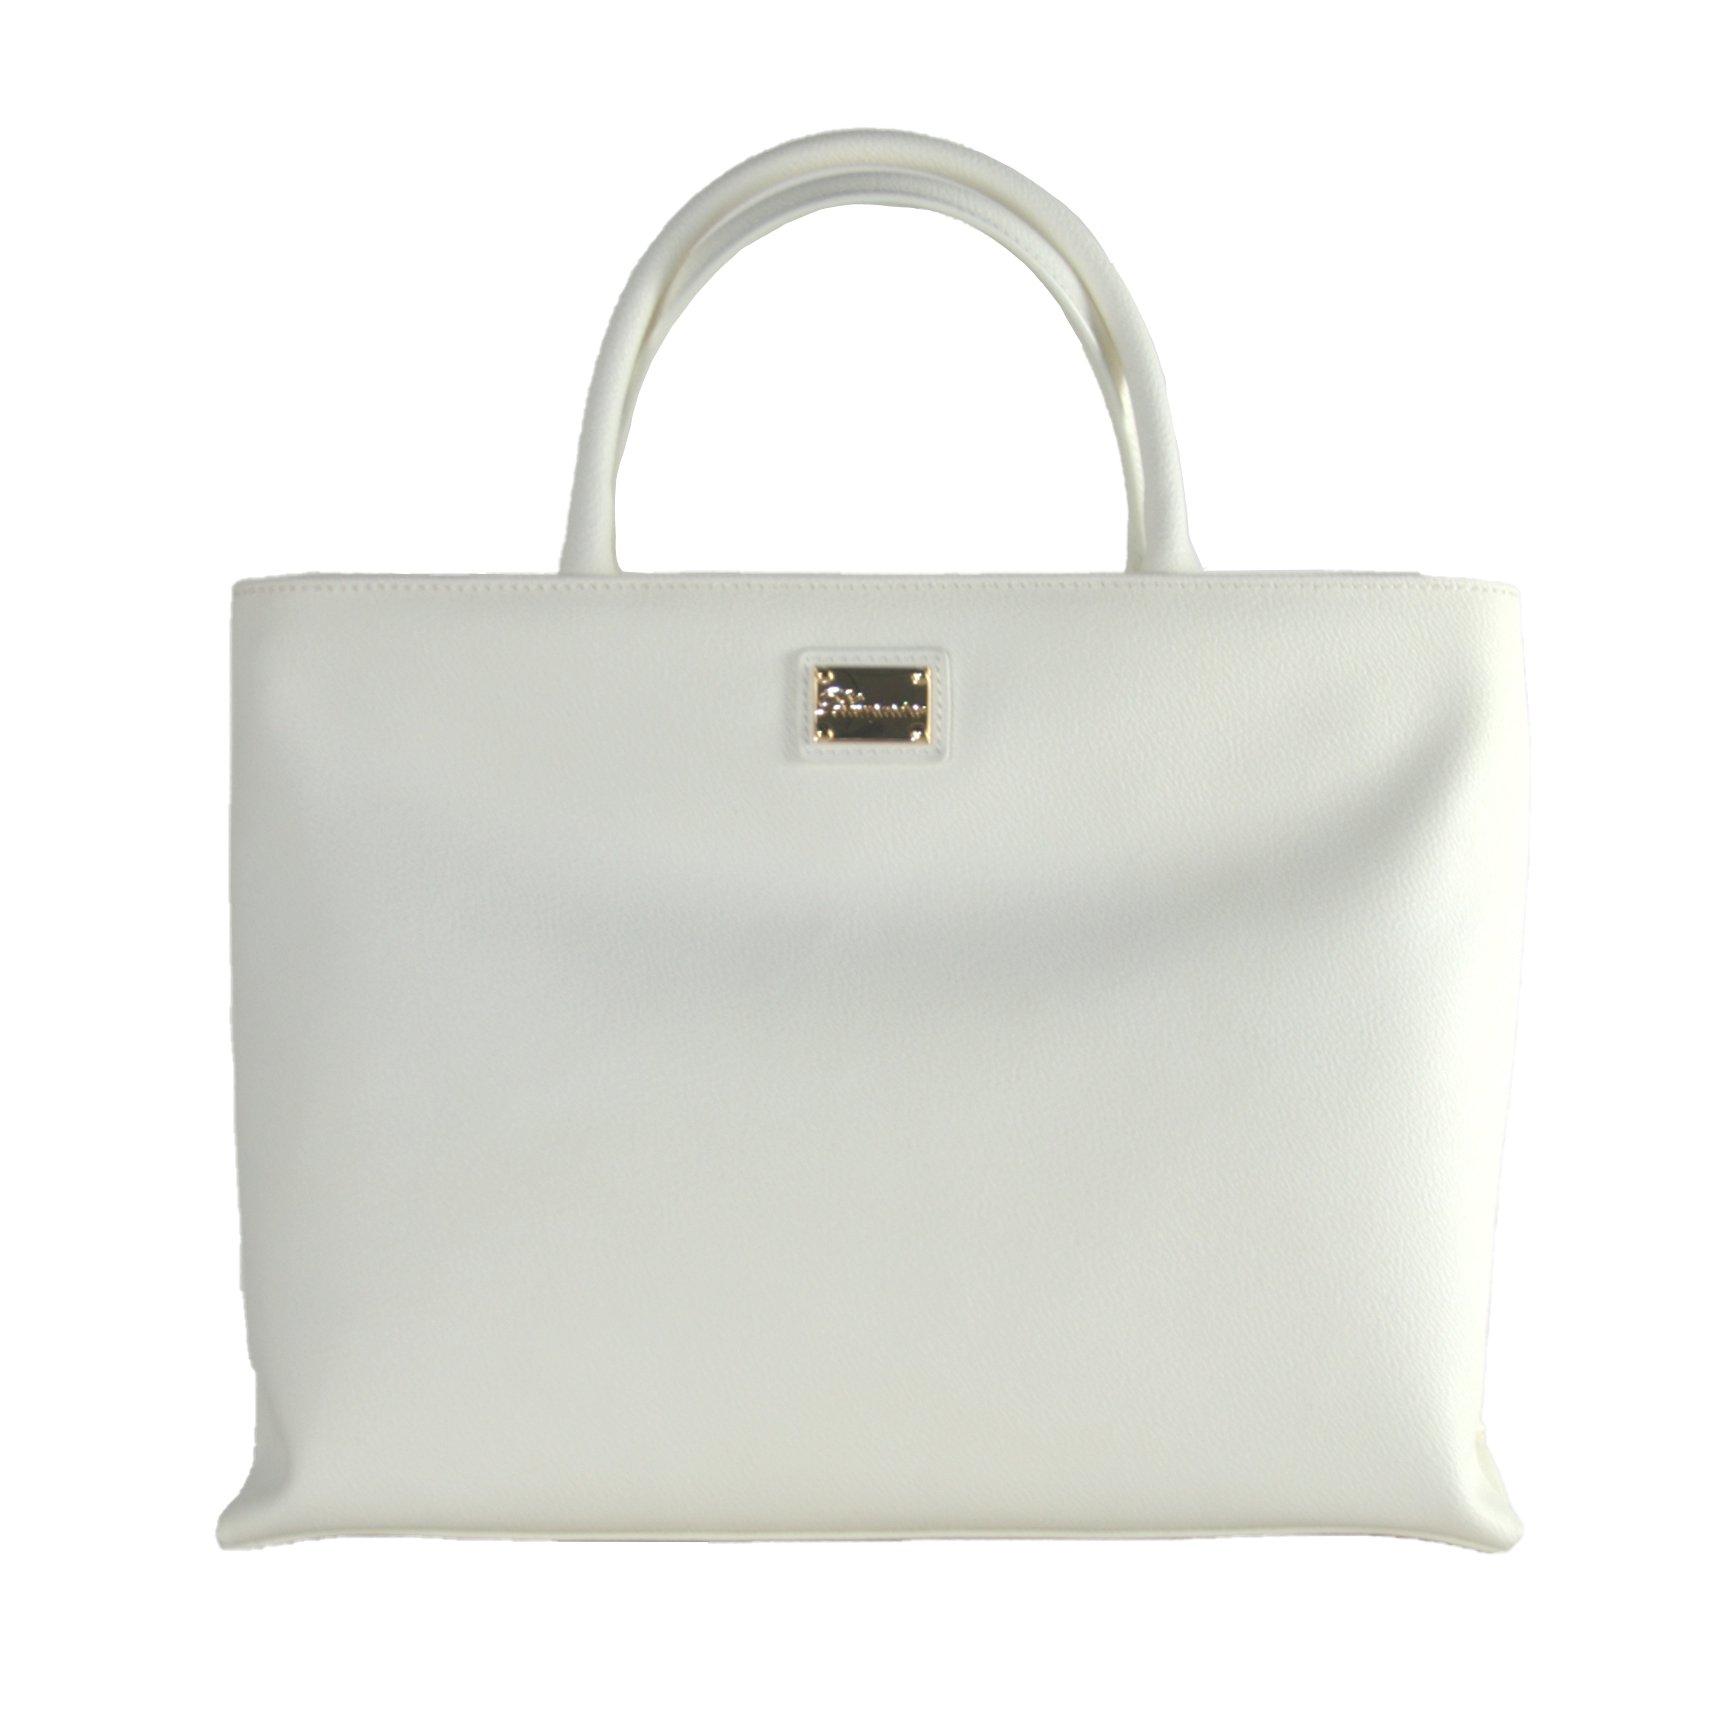 Blumarine Women's Handbag White 18b.42g_010